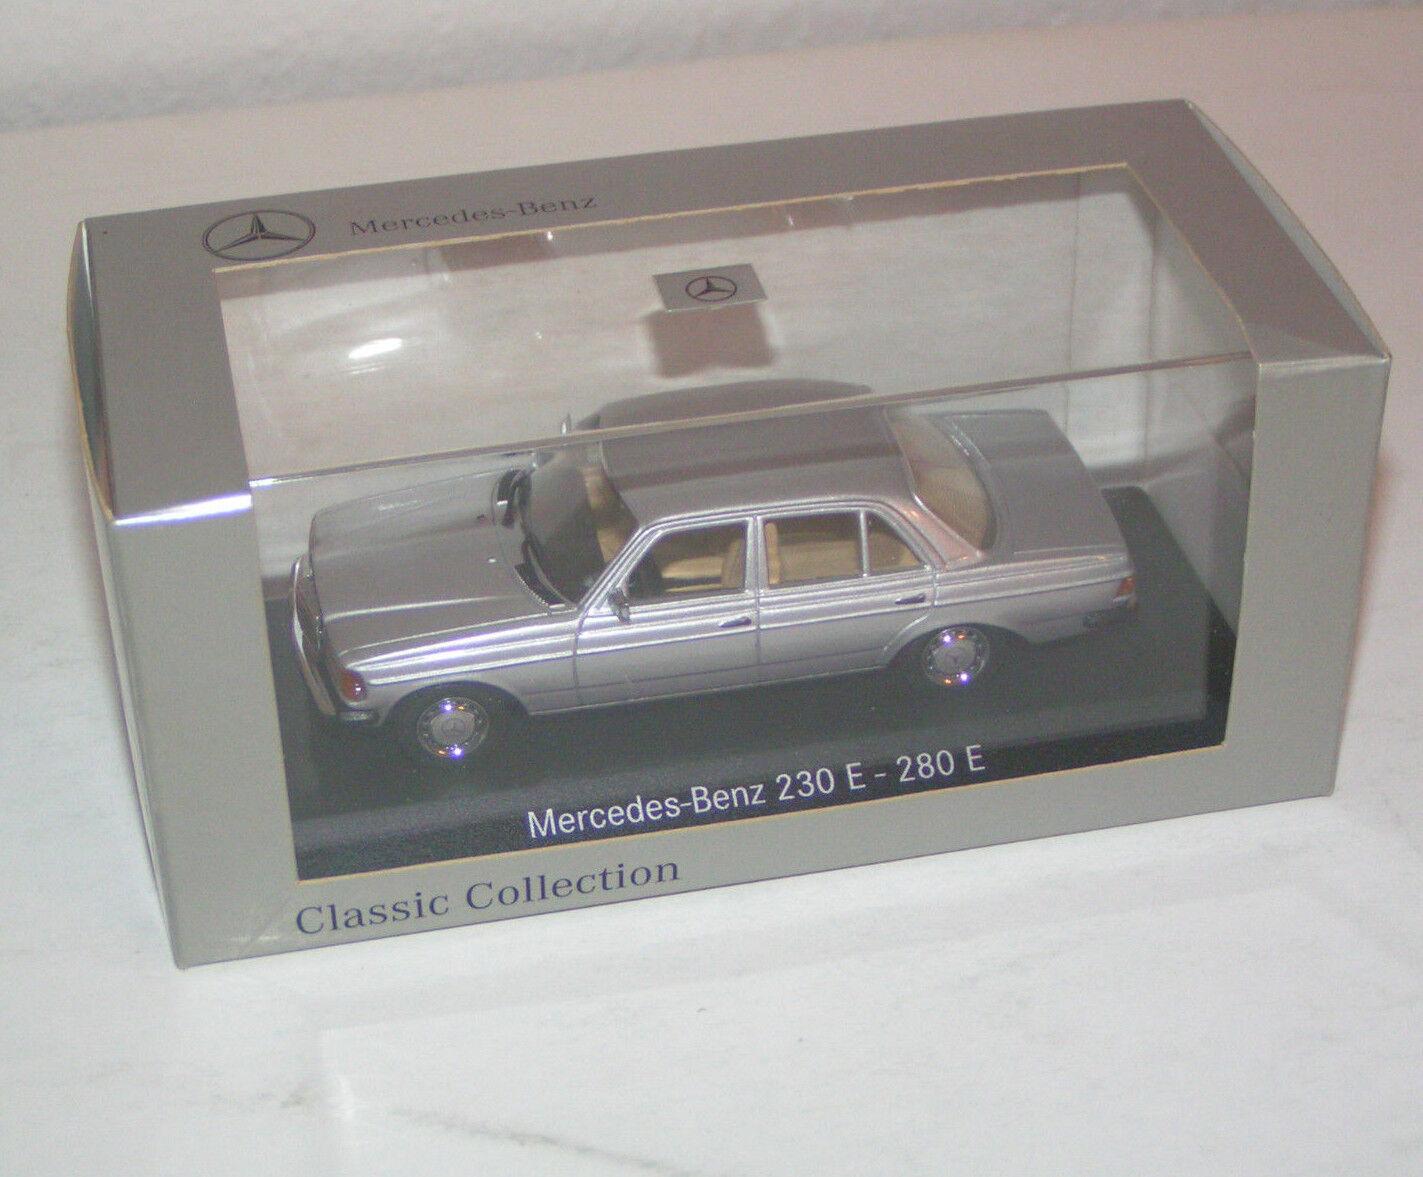 Mercedes-Benz 230 E 280 E W 123 Limousine Argent Minichamps Minichamps Minichamps 1:43 | De Haute Qualité  | Divers Les Types Et Les Styles  | Les Produits Sont Vendu Sans Limitations  1d1e66